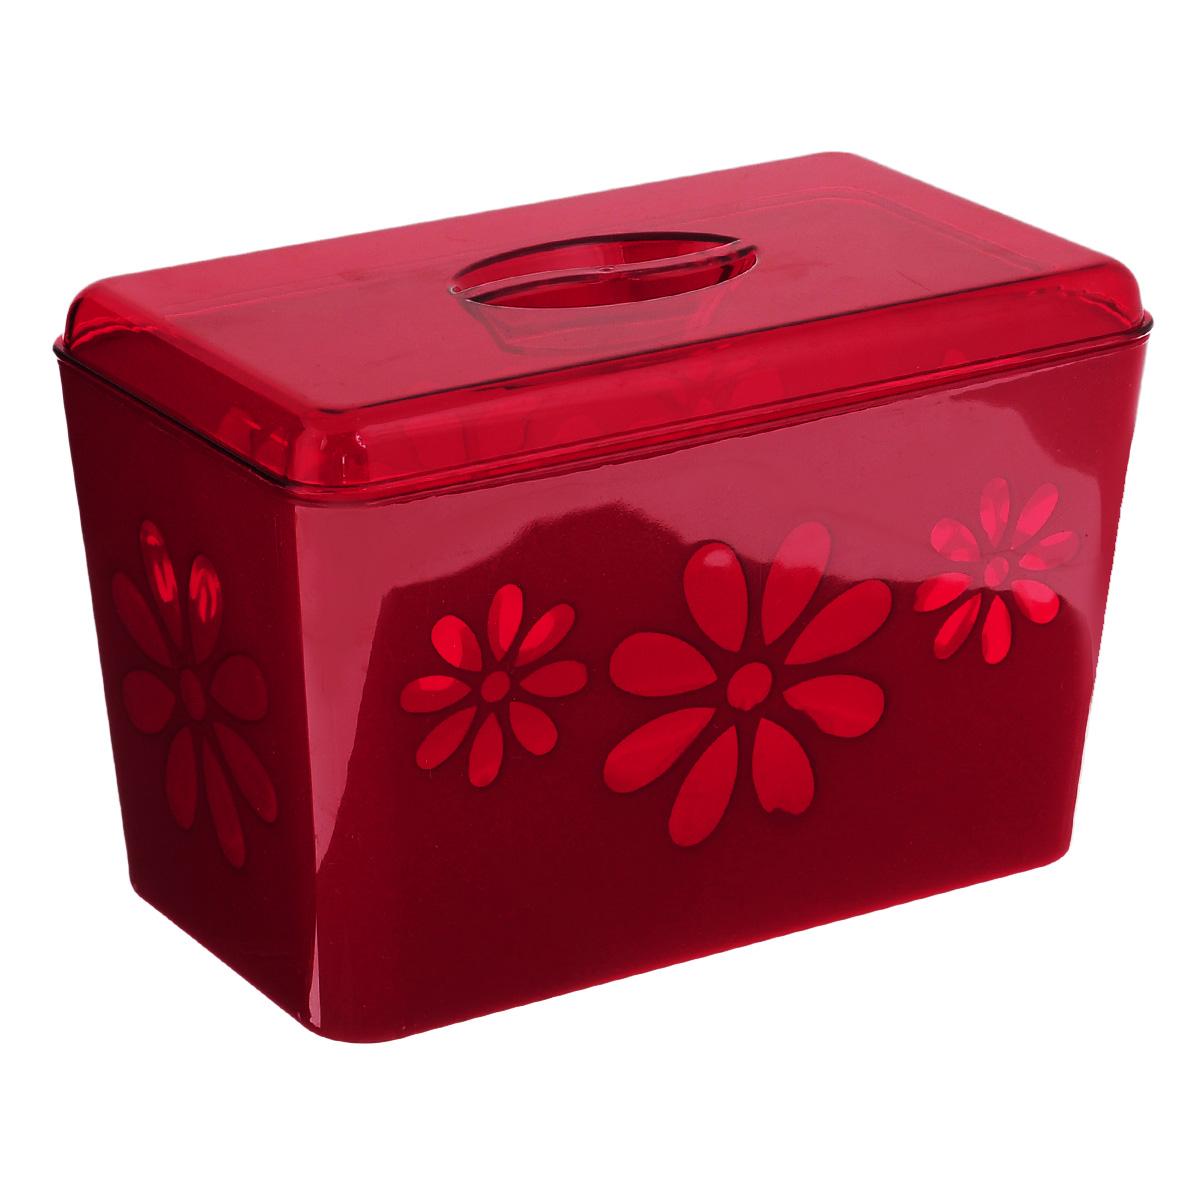 Хлебница Соблазн, цвет: красный, 24 х 14 х 15,5 см115510Хлебница Соблазн изготовлена из двухцветного пластика и декорирована изображением цветов. Хлебница выполнена в виде чаши с крышкой. Вместительность, функциональность и стильный дизайн позволят хлебнице стать не только незаменимым аксессуаром на кухне, но и предметом украшения интерьера. В ней хлеб всегда останется свежим и вкусным.